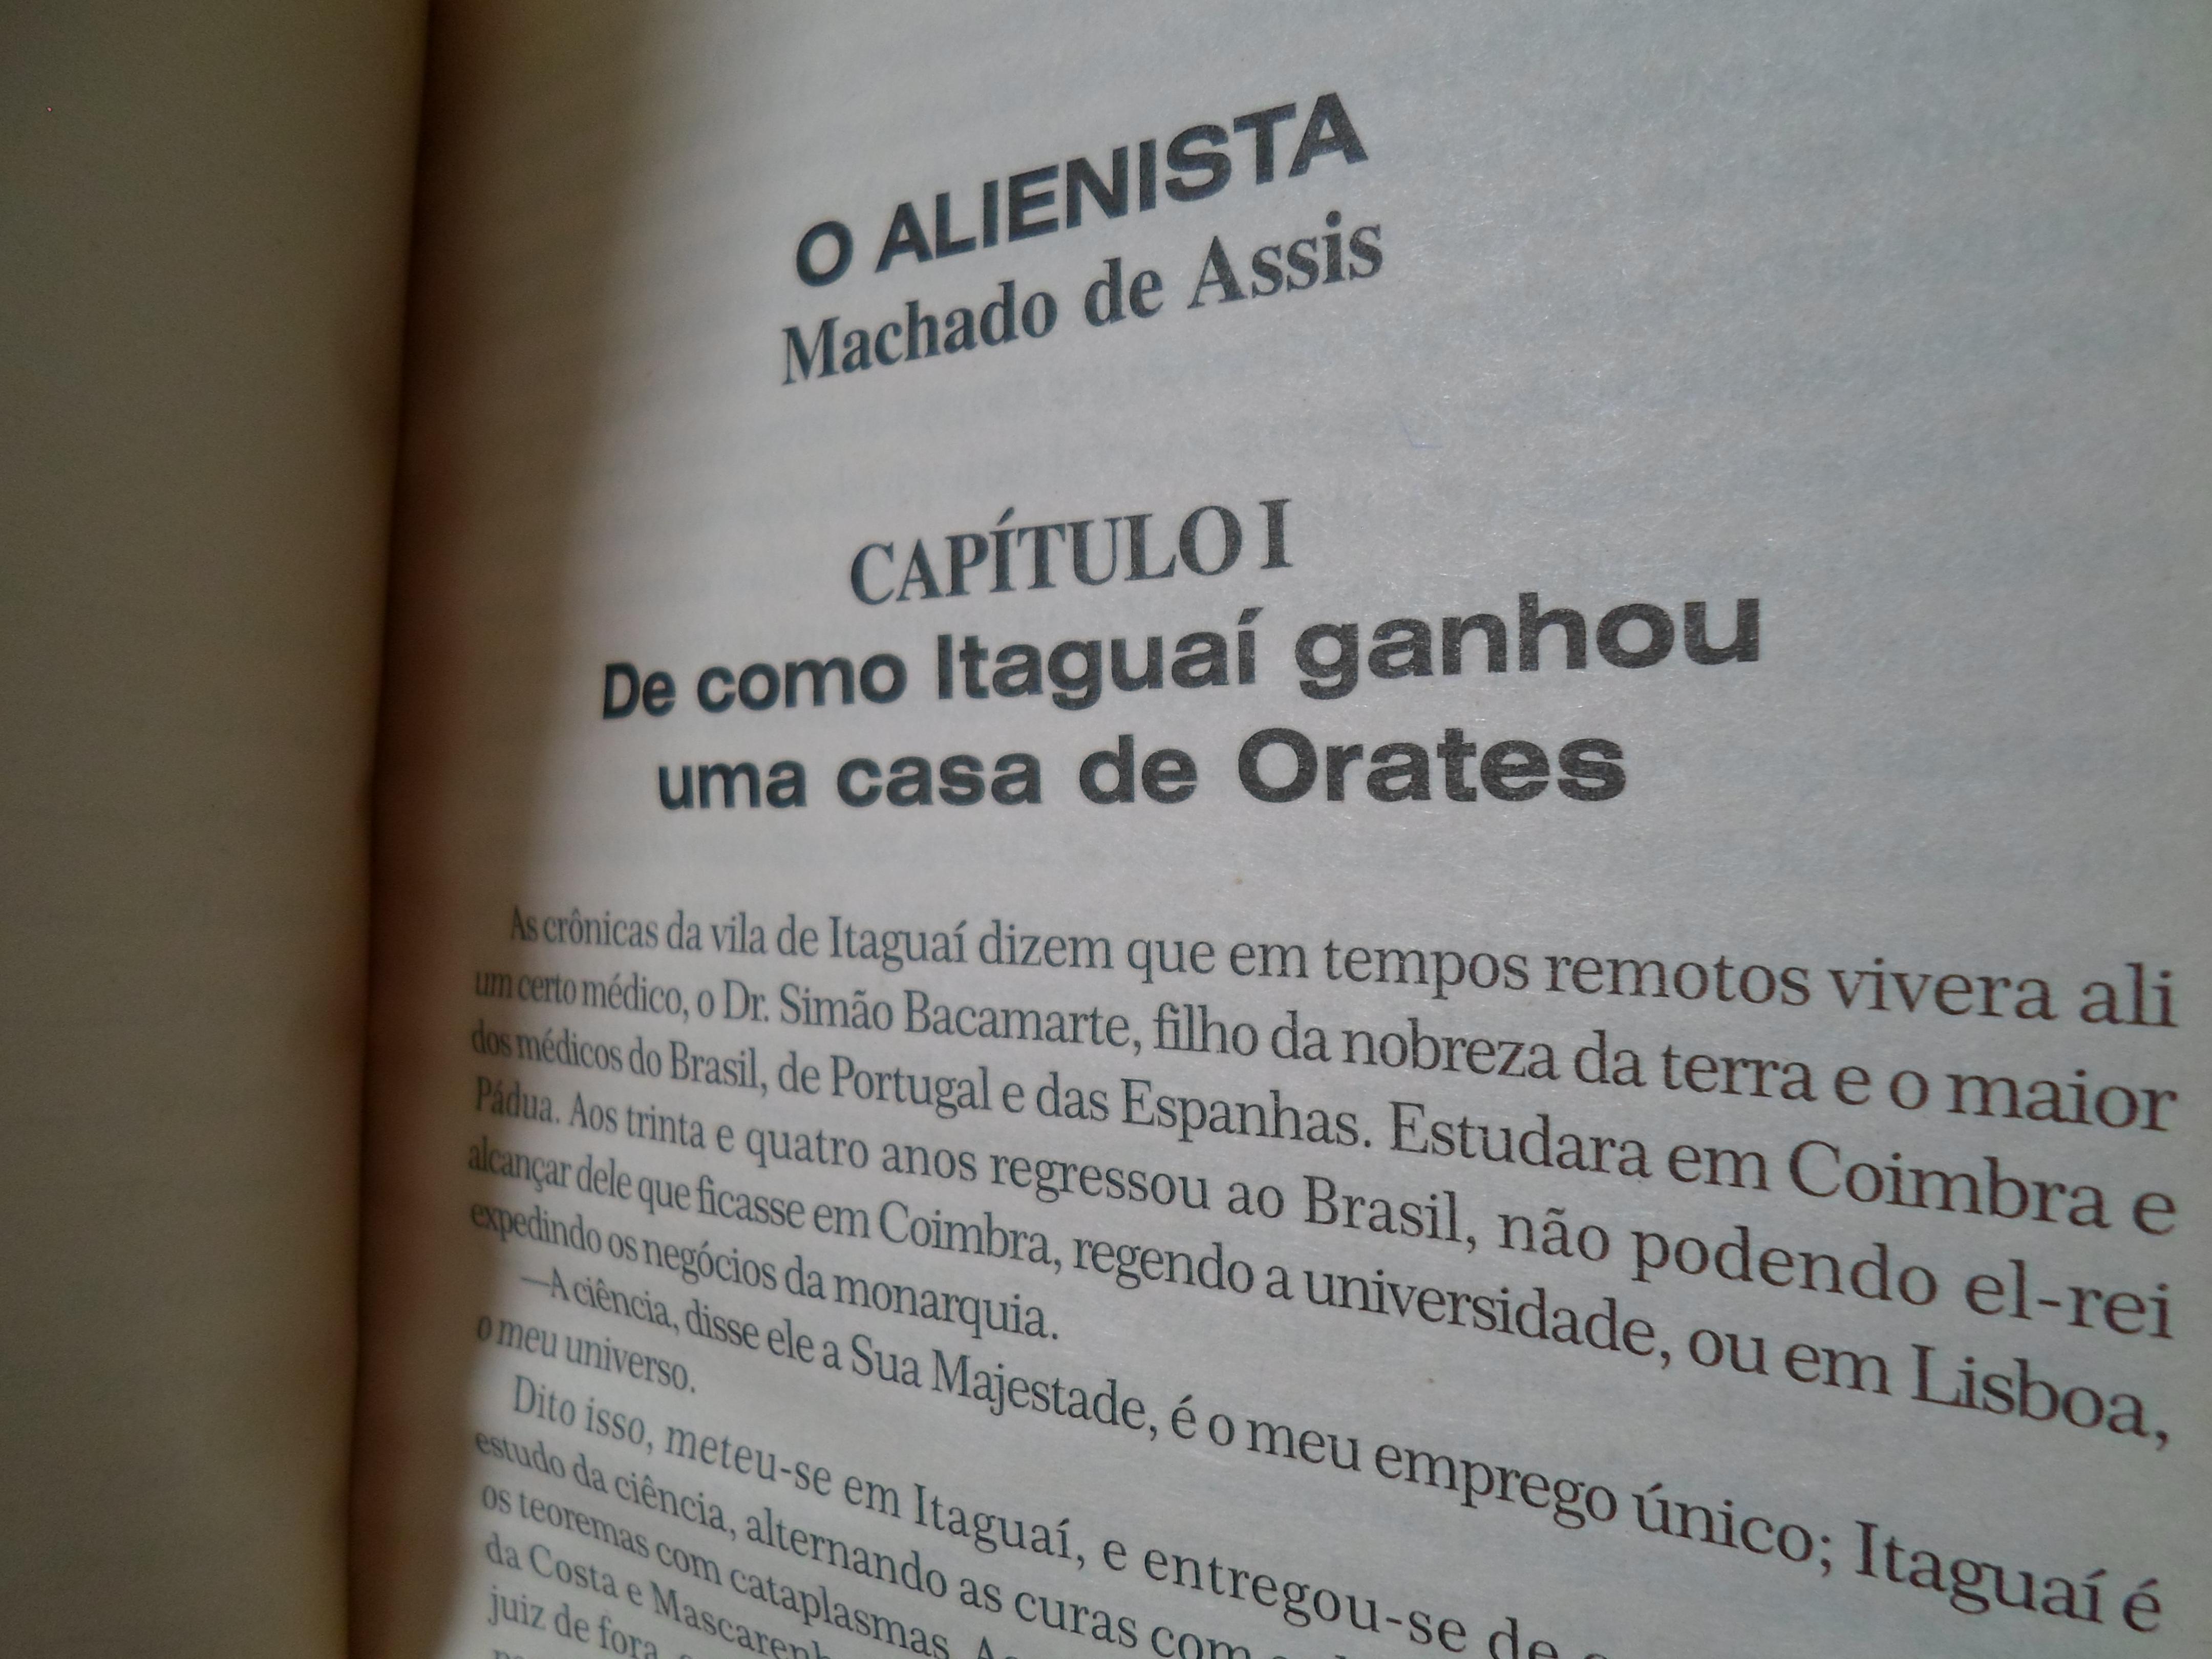 Alienista4